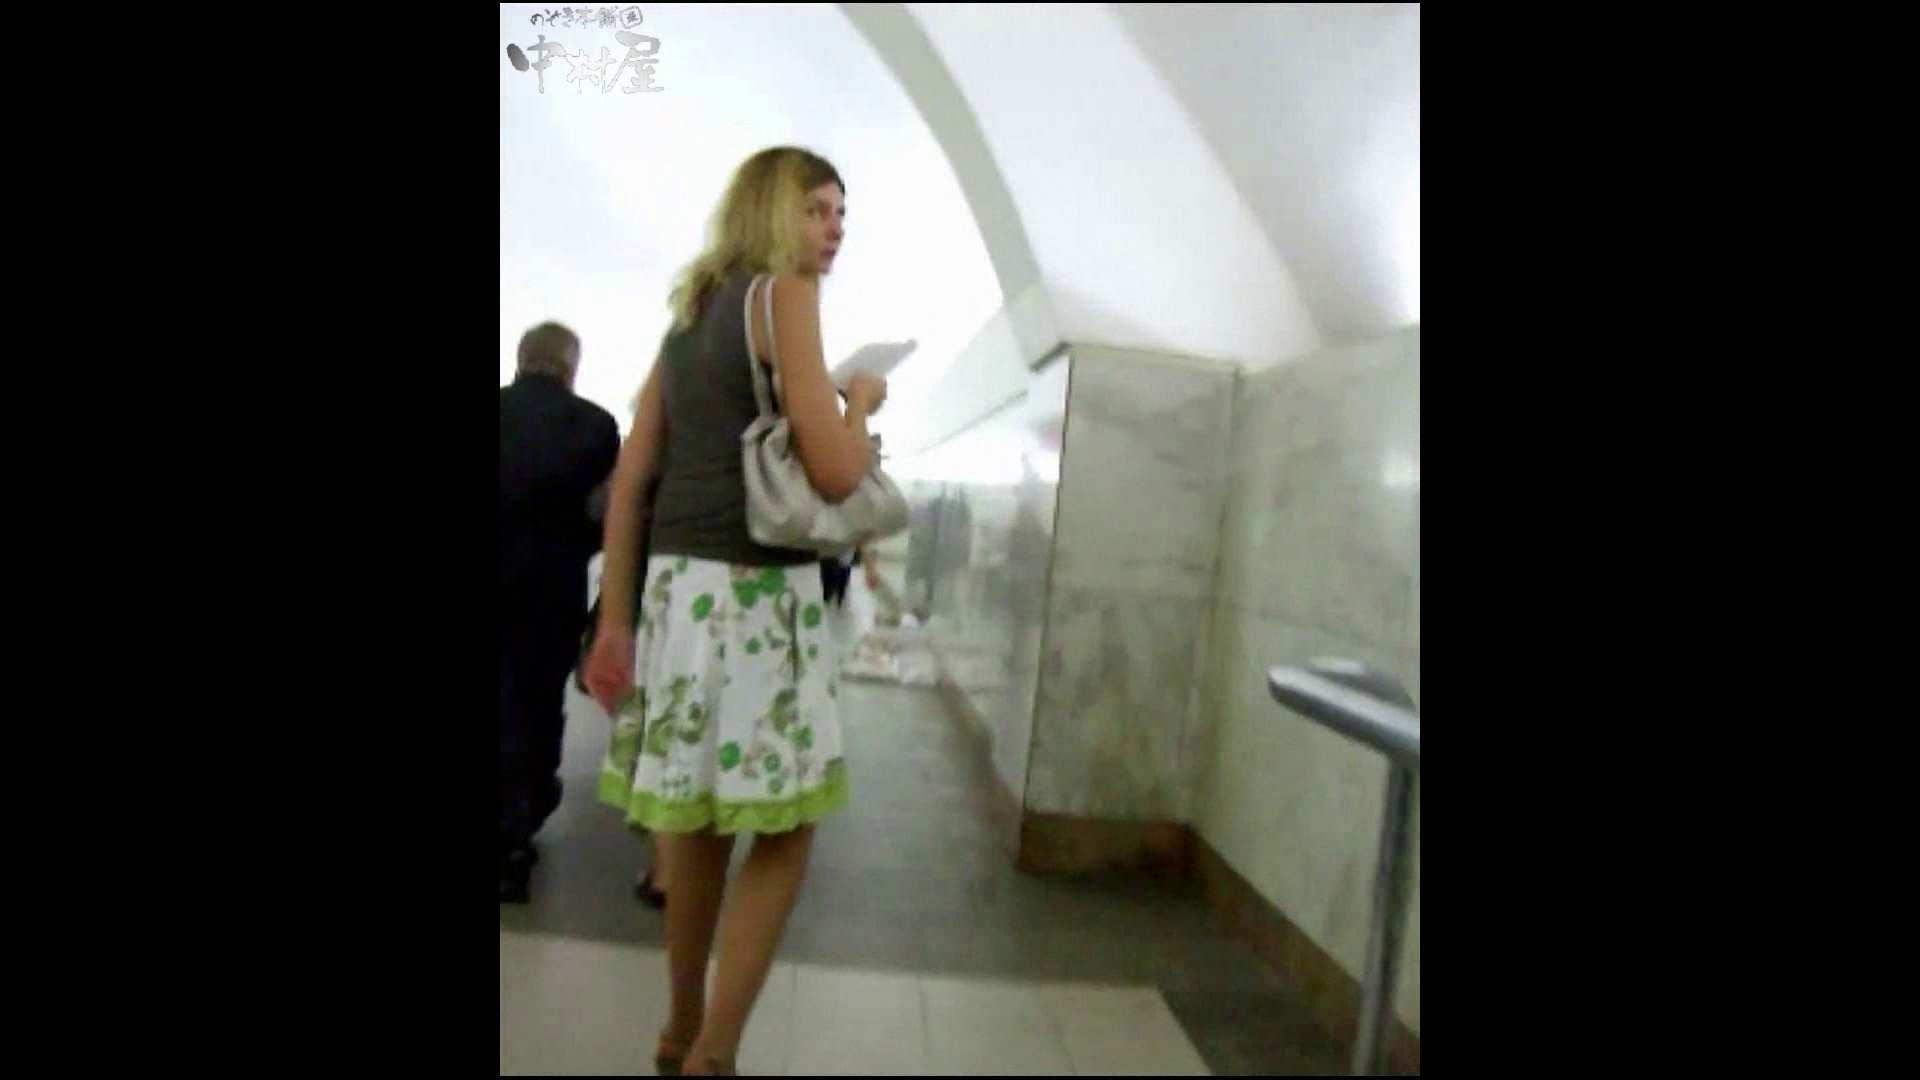 綺麗なモデルさんのスカート捲っちゃおう‼ vol25 お姉さん | OLすけべ画像  62連発 28